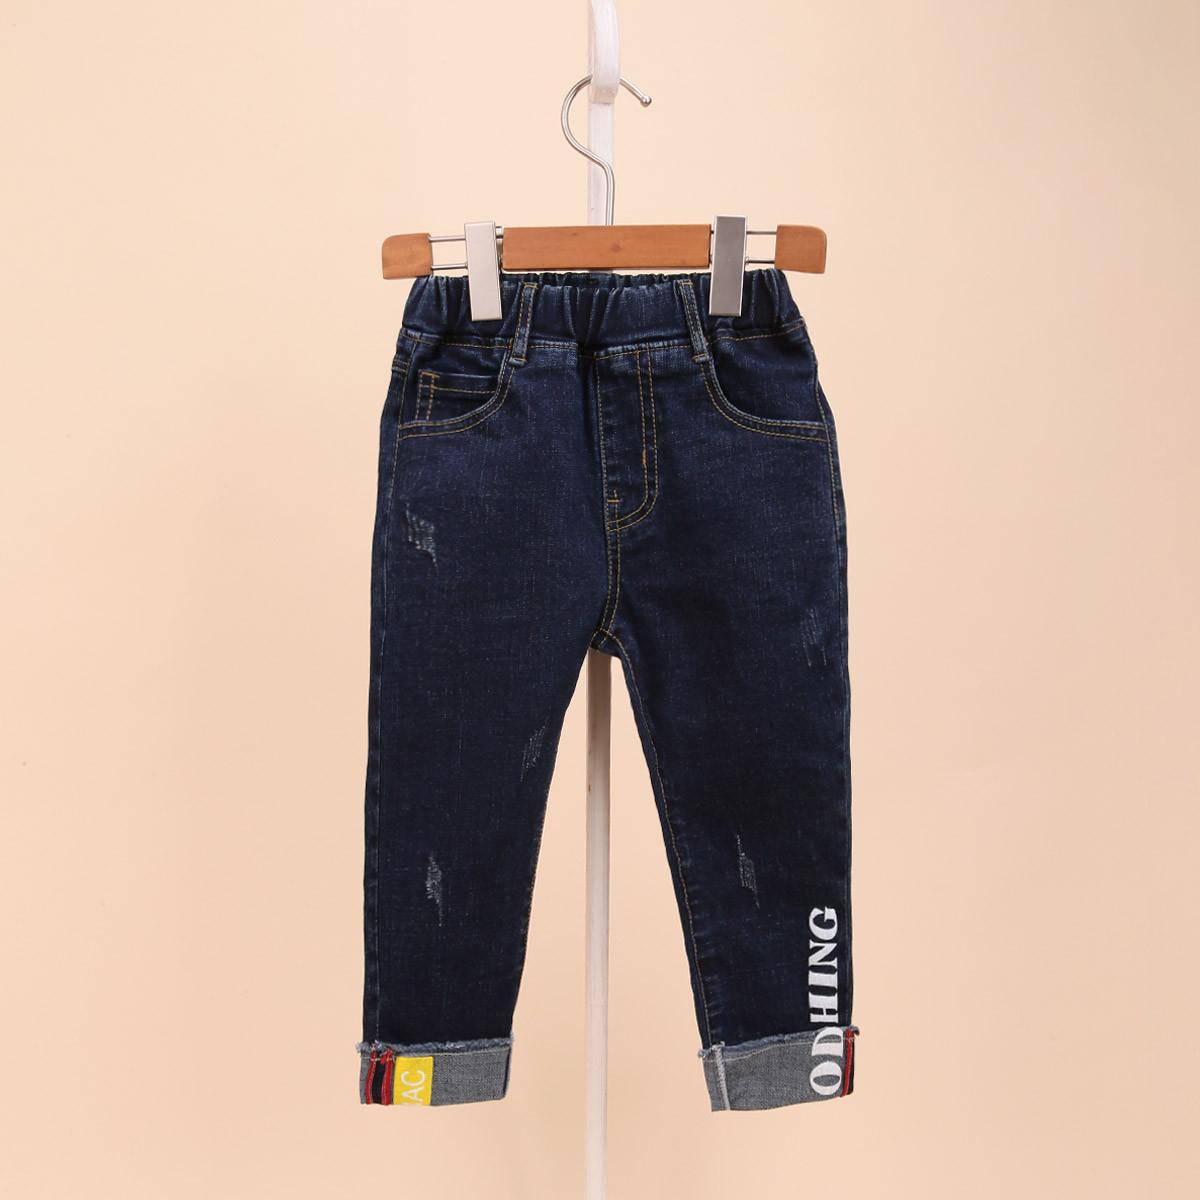 杰米克春款男童儿童创意裤脚卷边牛仔裤宝宝时尚潮流舒适长裤子H483707116